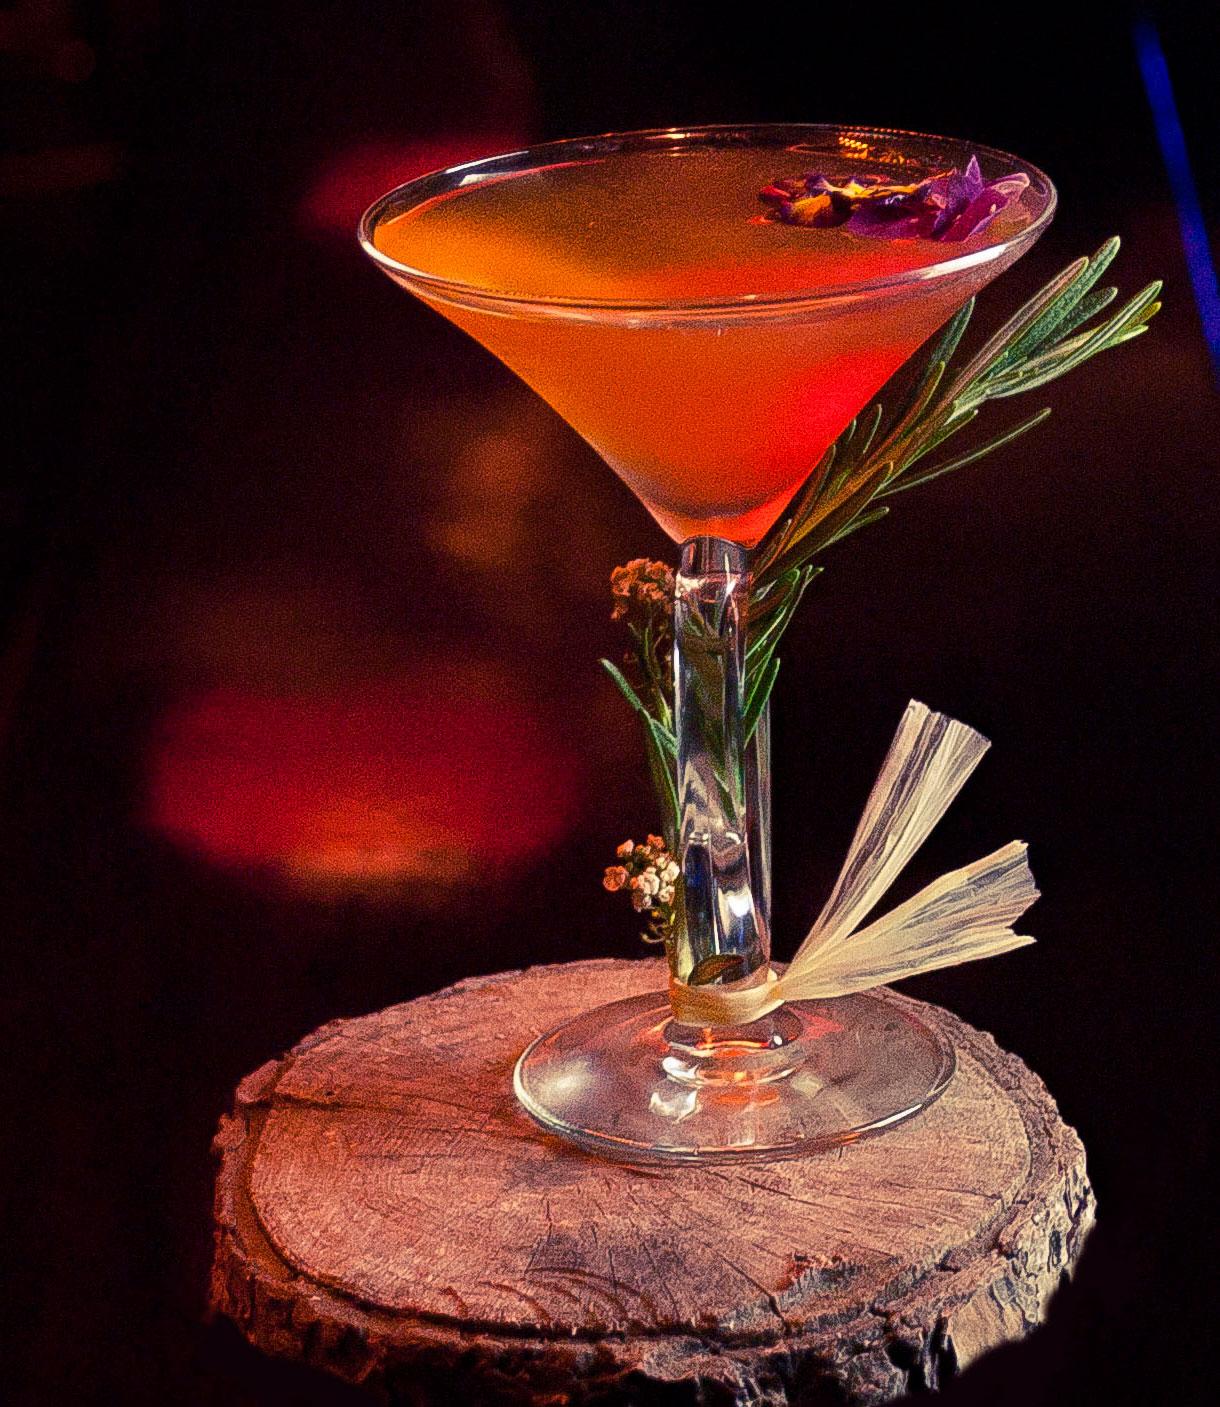 Lil' Martini